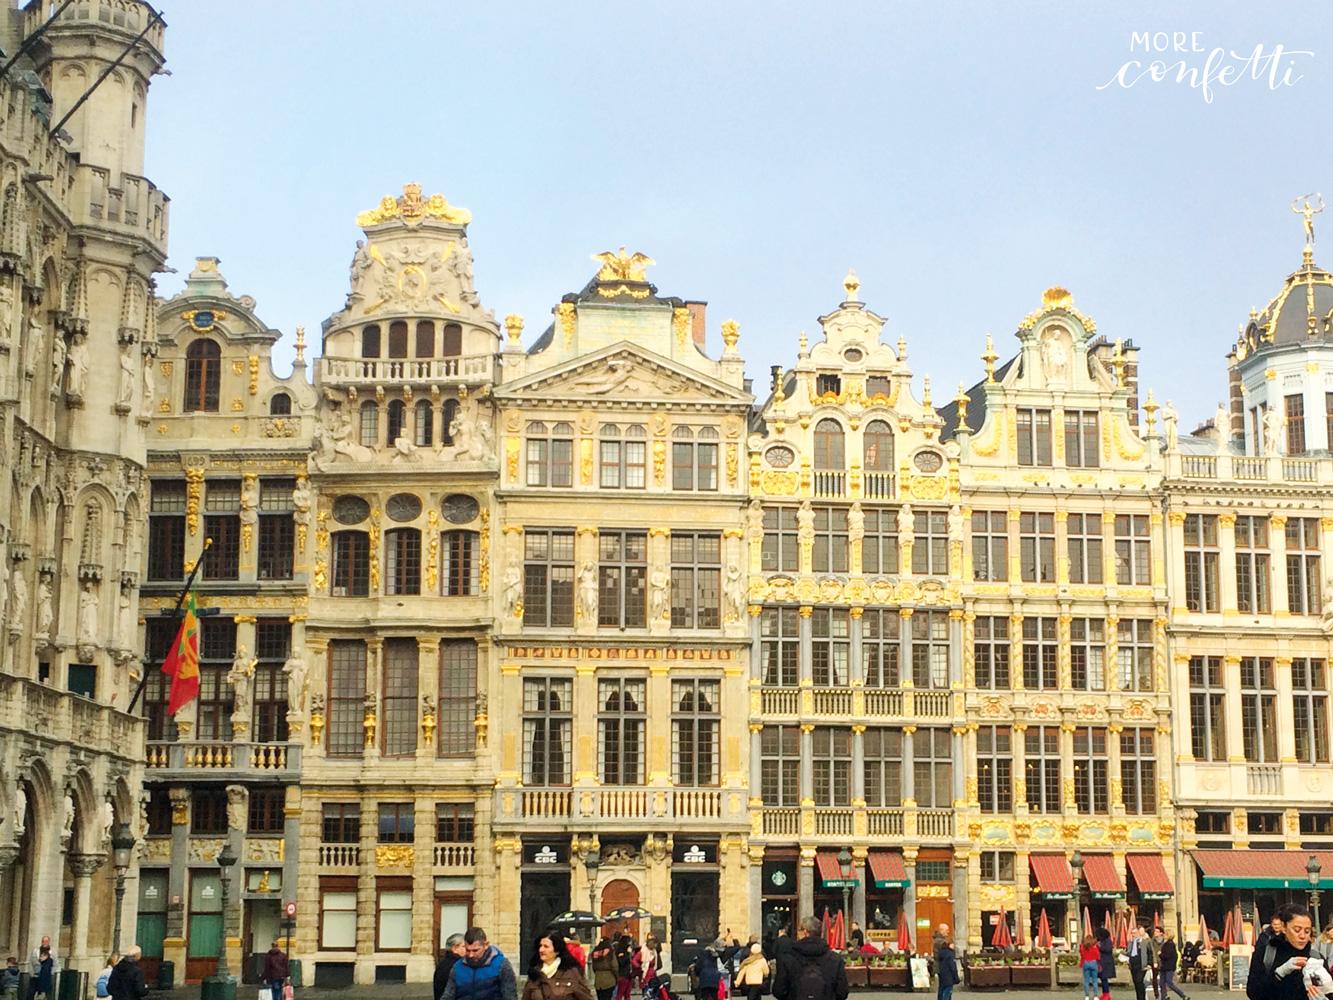 Brüssel - kleine Comictour - moreconfetti.de